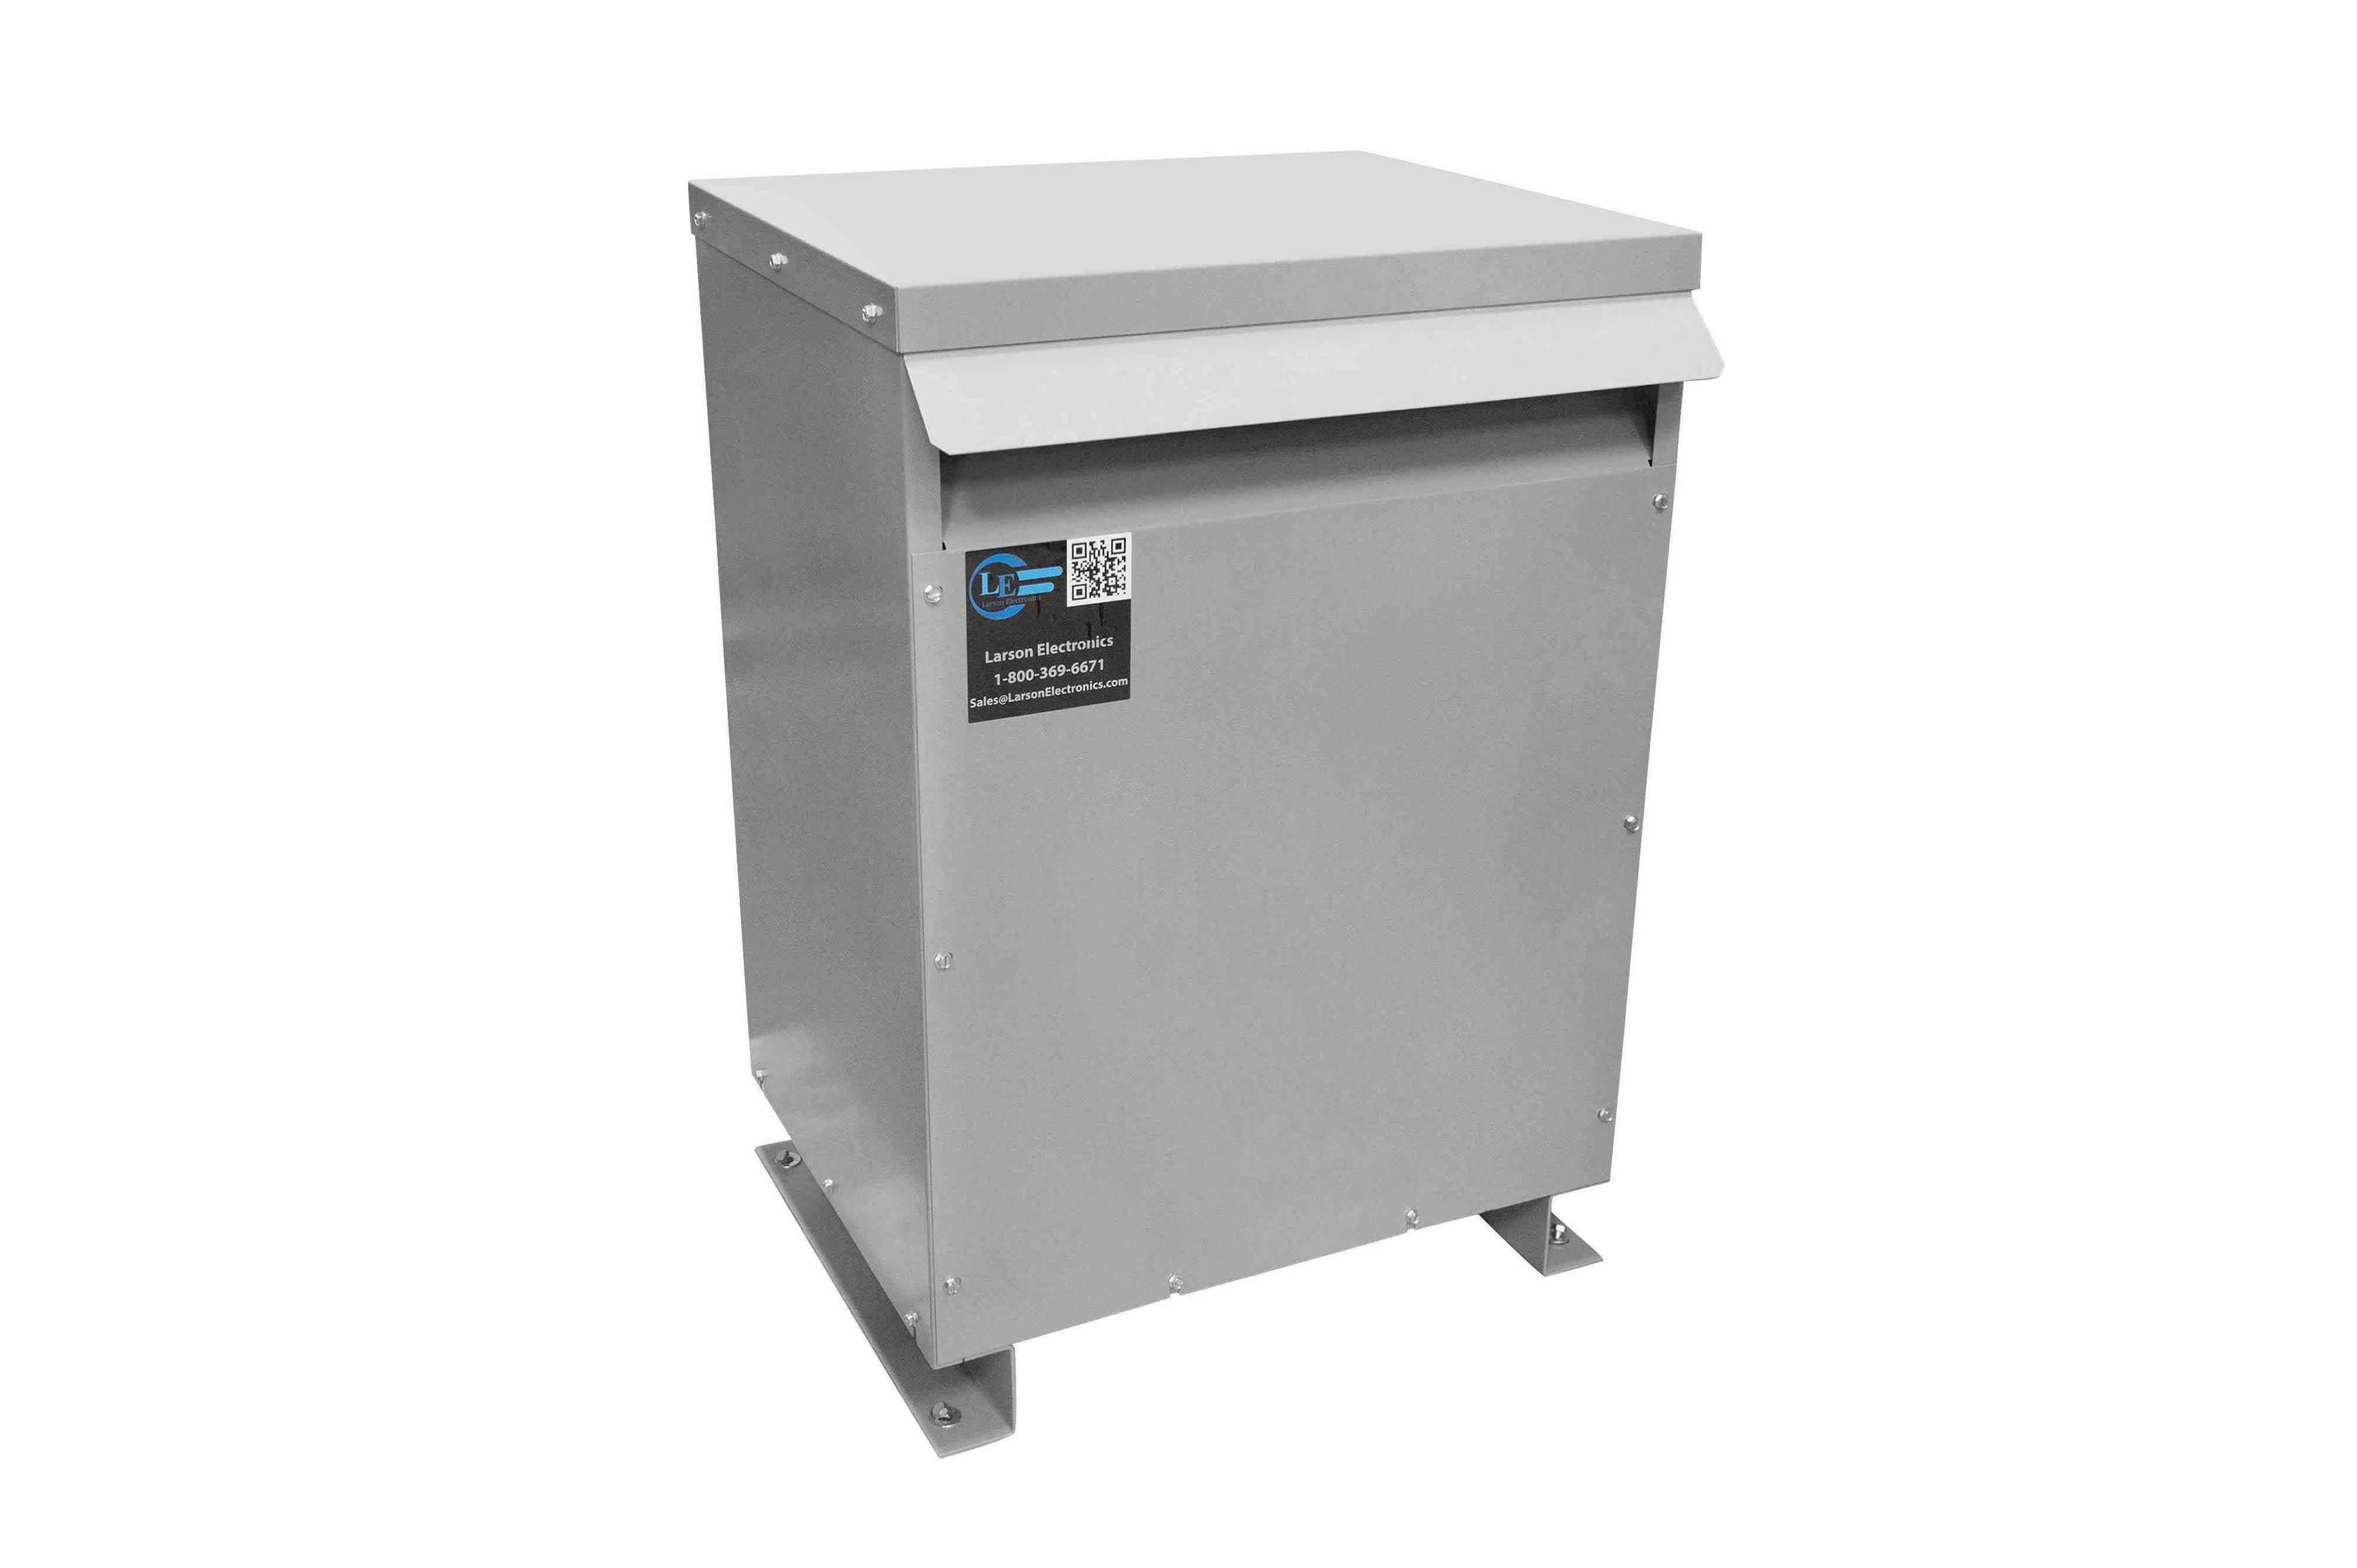 25 kVA 3PH Isolation Transformer, 208V Delta Primary, 480V Delta Secondary, N3R, Ventilated, 60 Hz